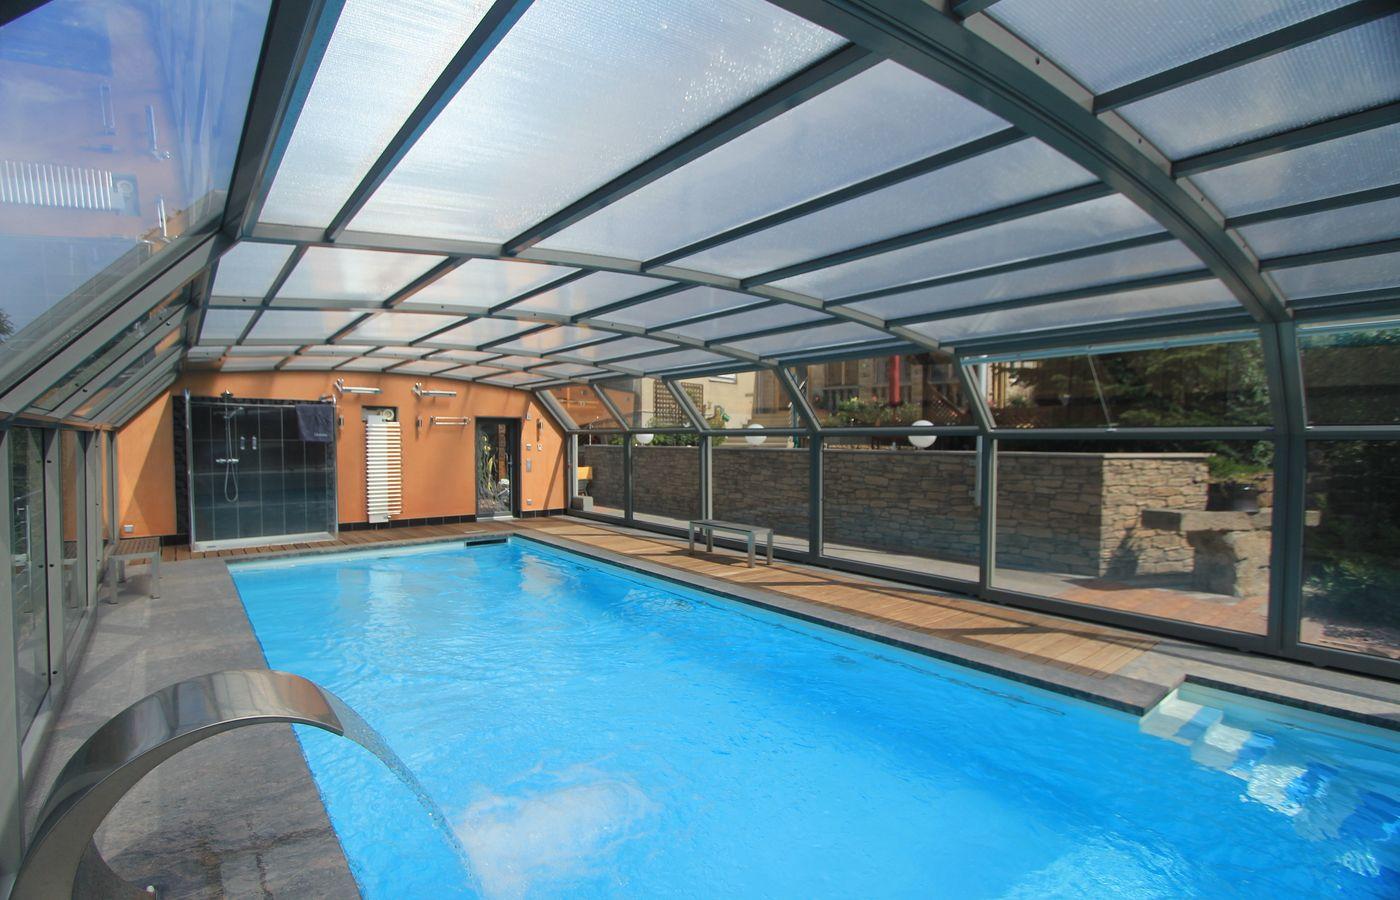 Cobertura de piscina alucober 17 alucober coberturas for Coberturas para piscinas